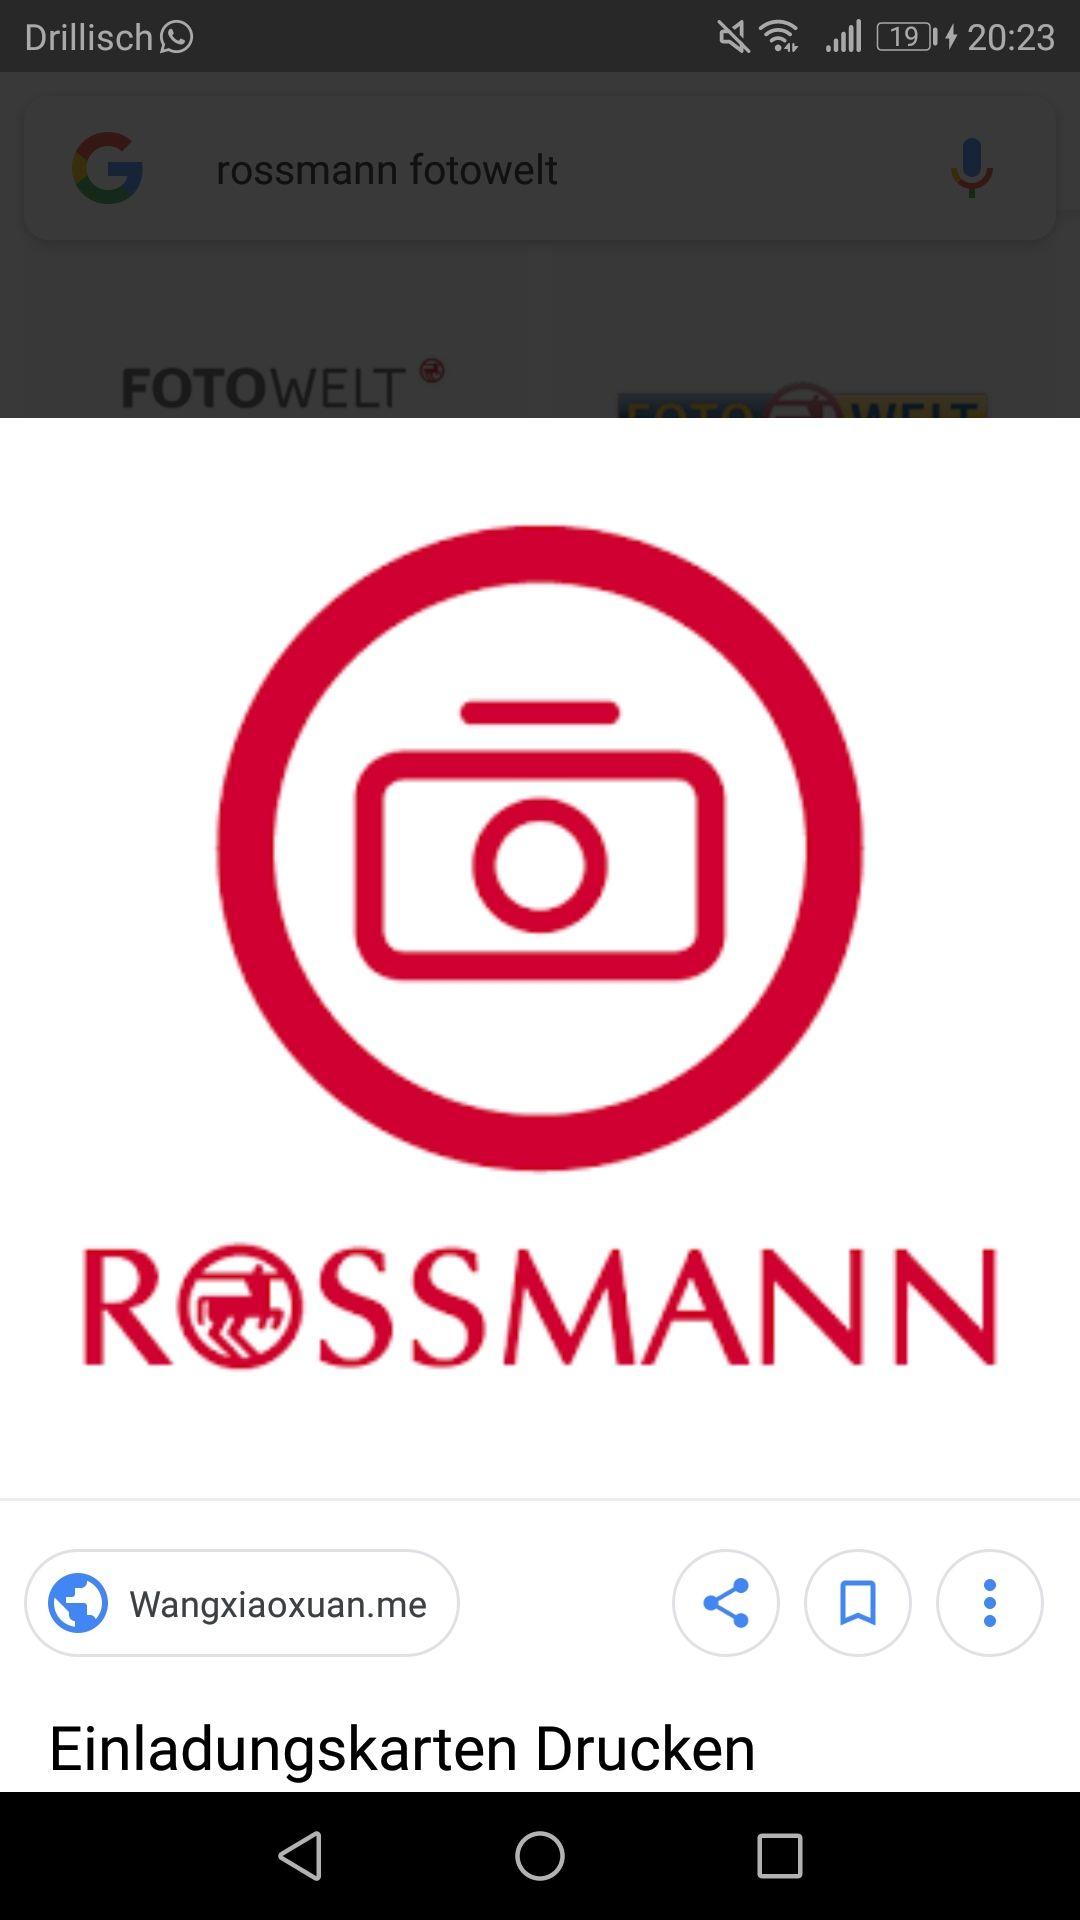 [Rossmann] 5 Euro Spar-Coupon auf Foto-Leinwand